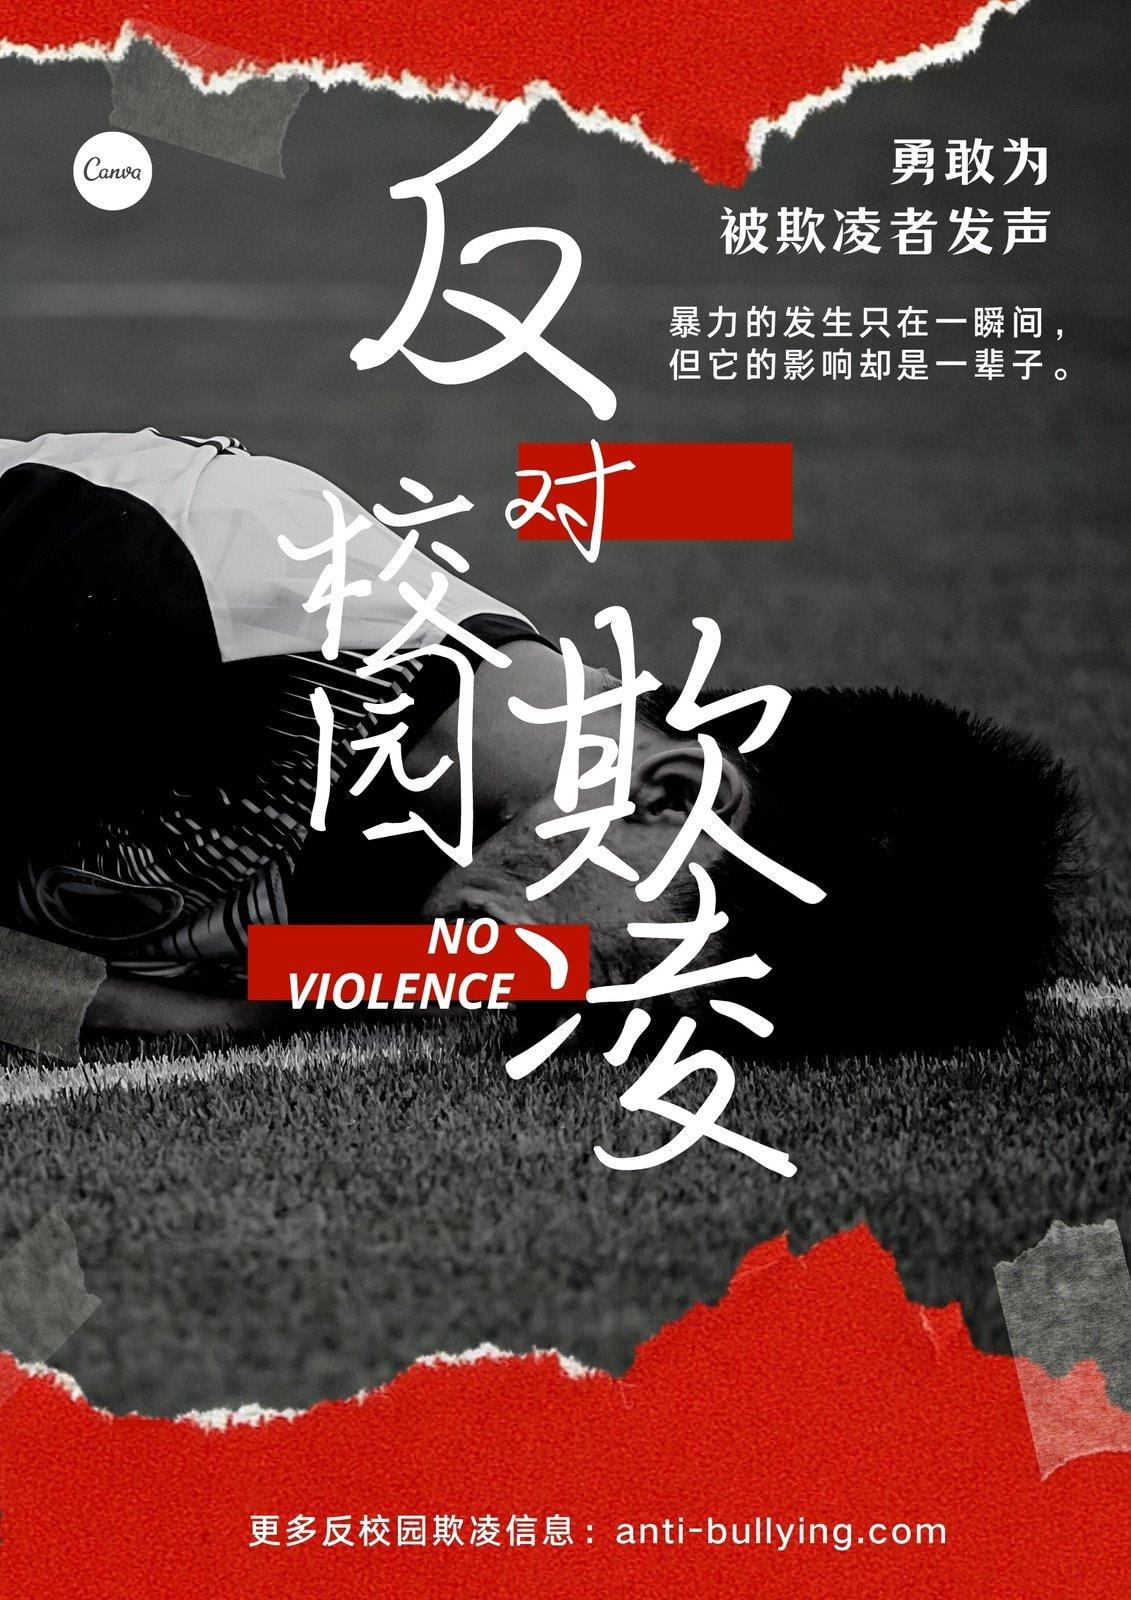 红黑色反对校园欺凌公益海报